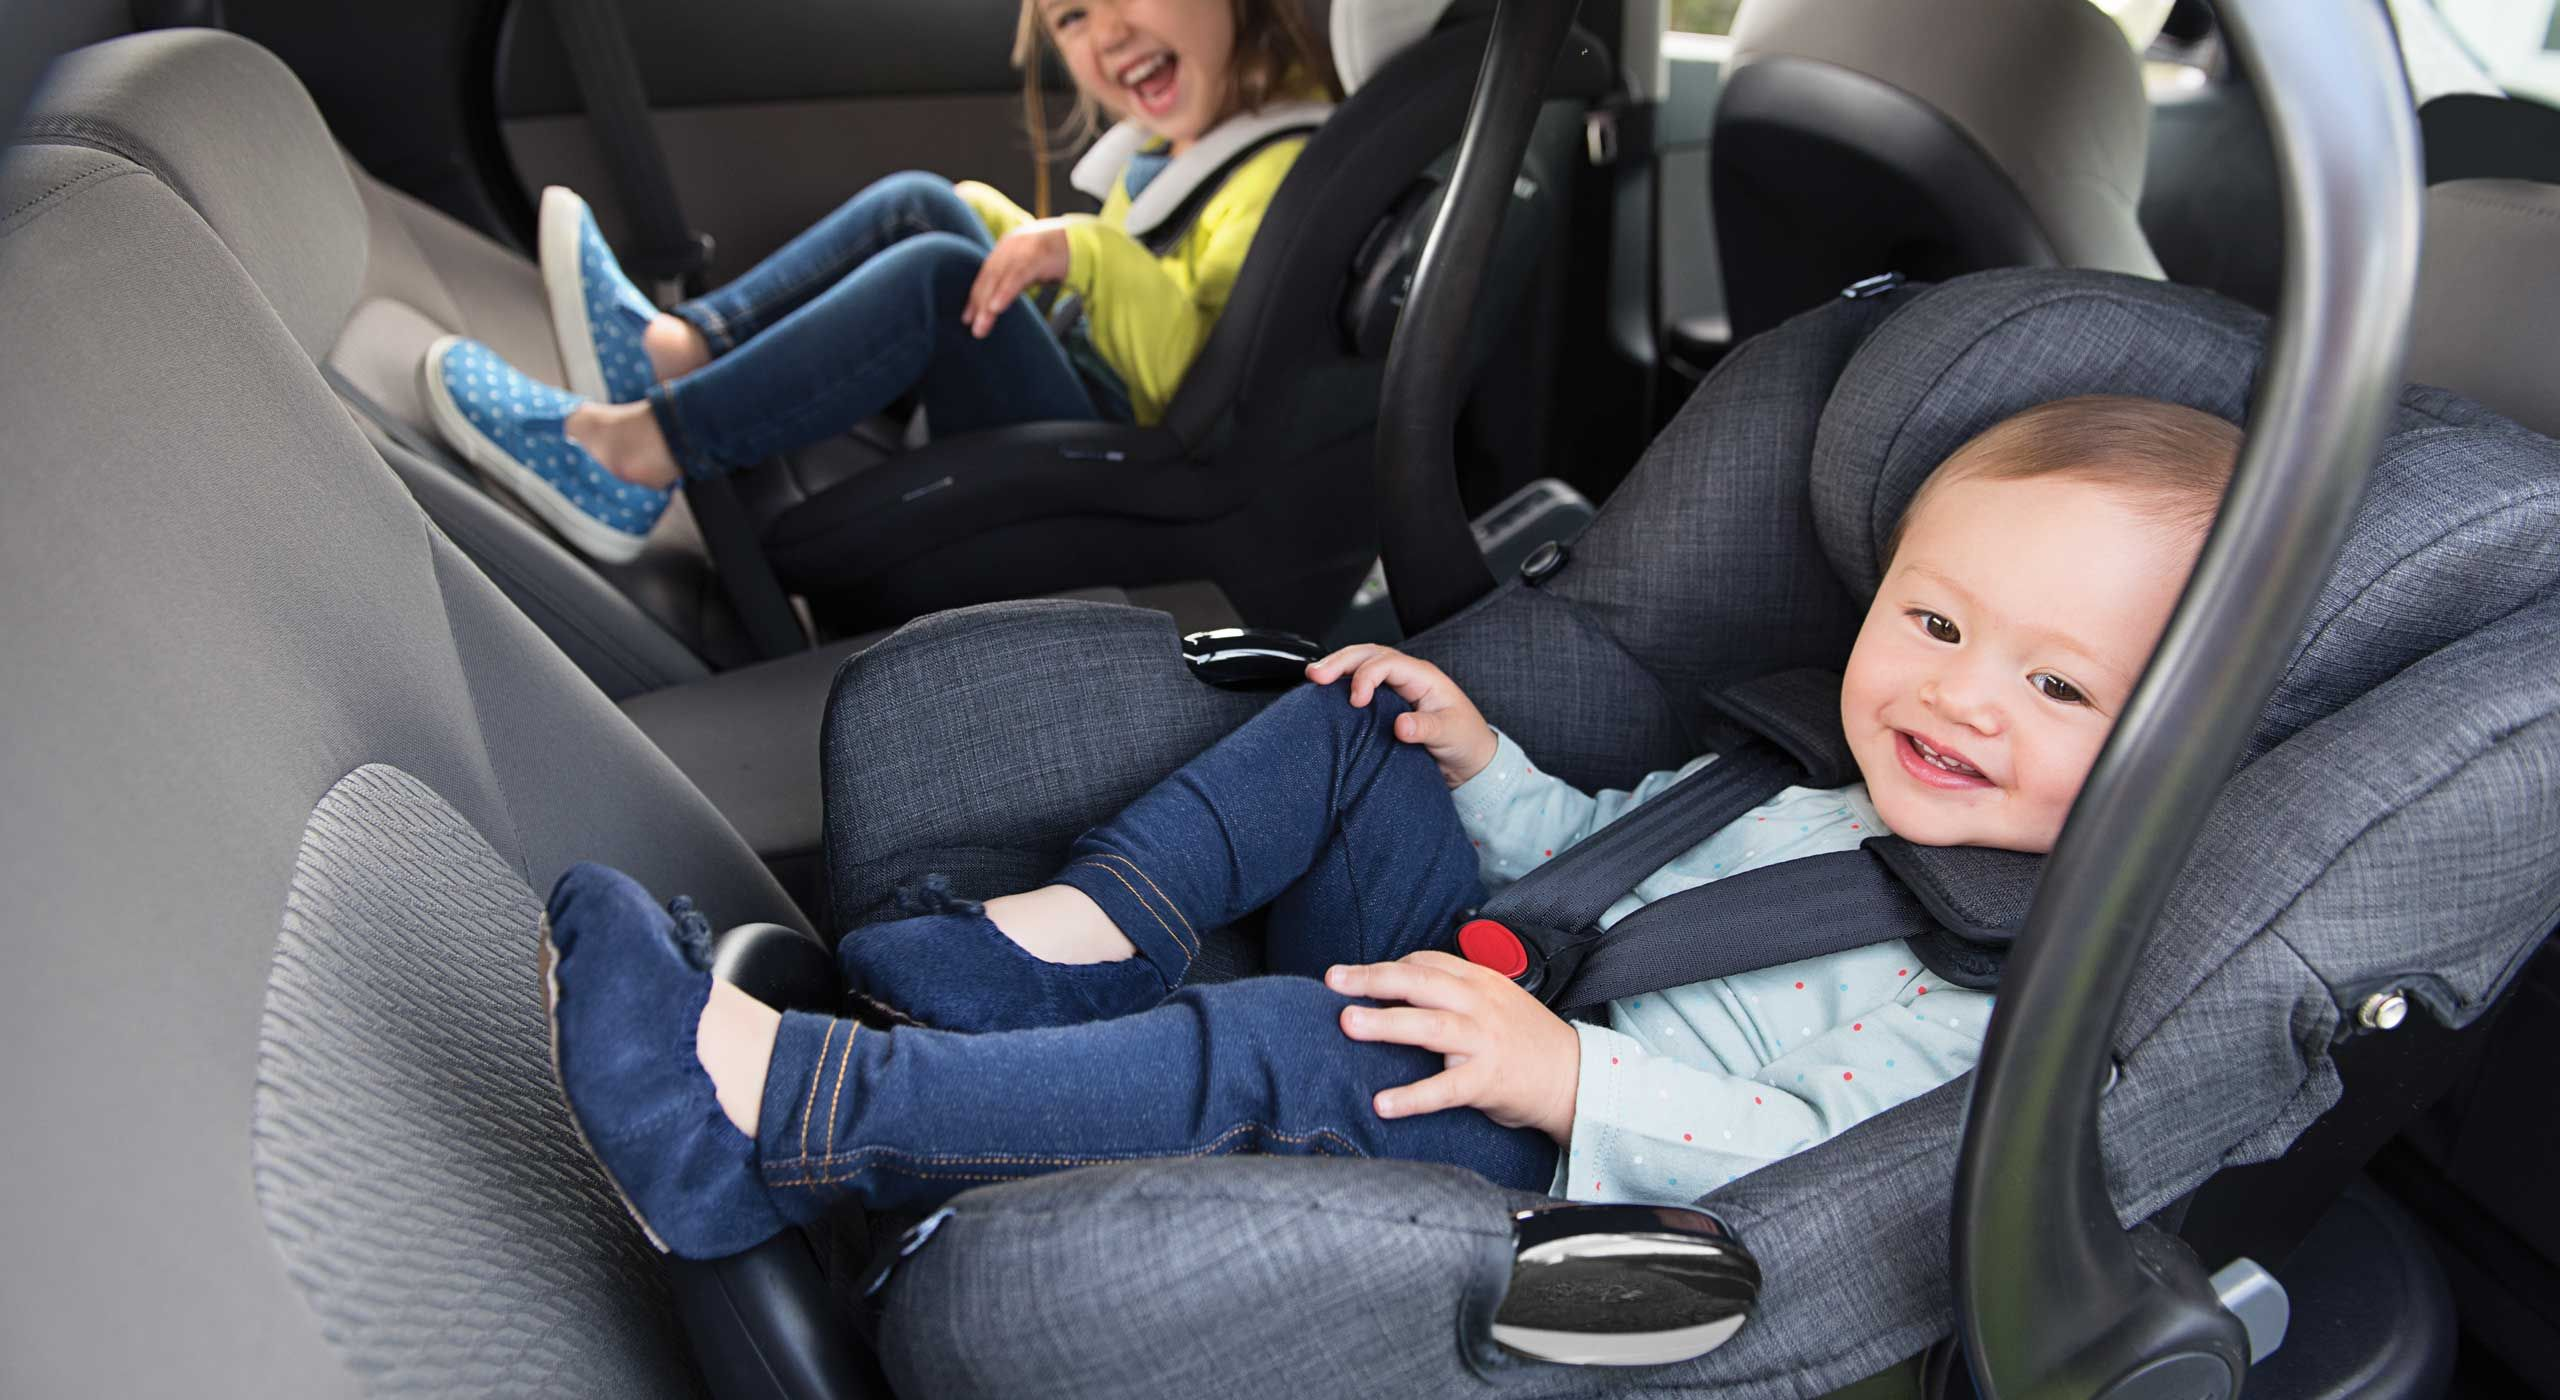 كرسي اطفال جوي اي انكور للسيارة تجربة شراء وتقييم Baby